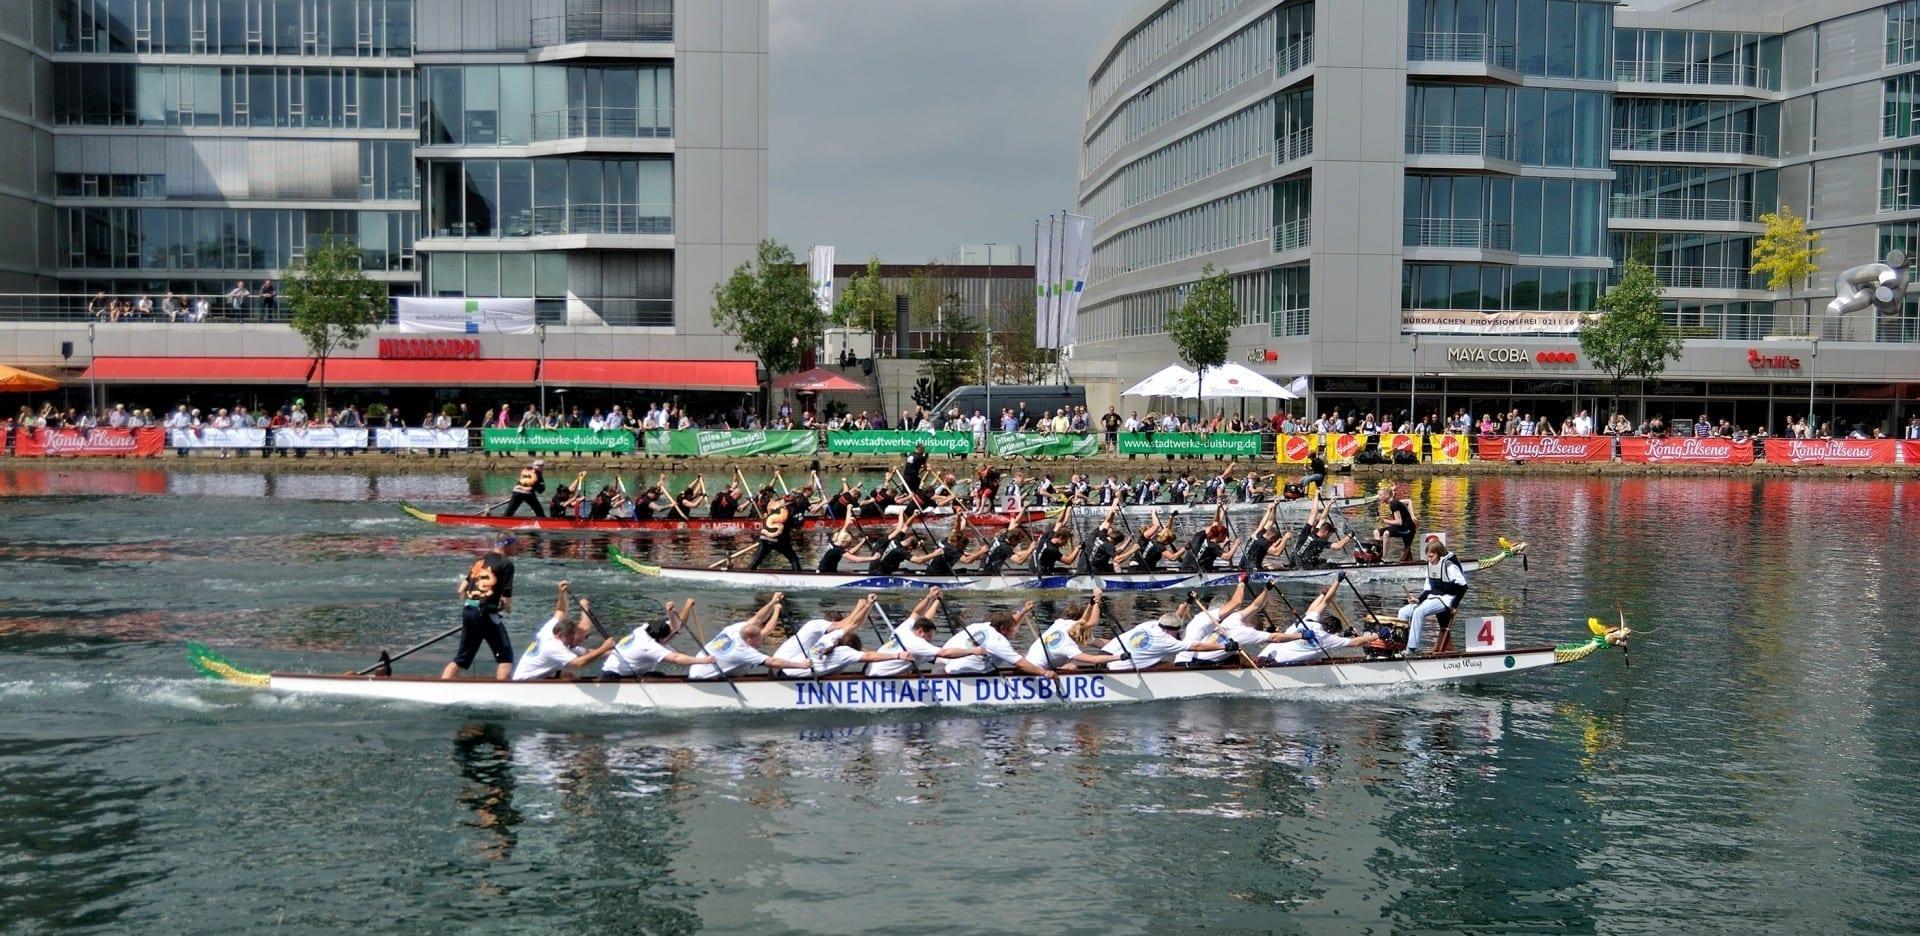 El barco del dragón corriendo en el Innenhafen Duisburg Alemania